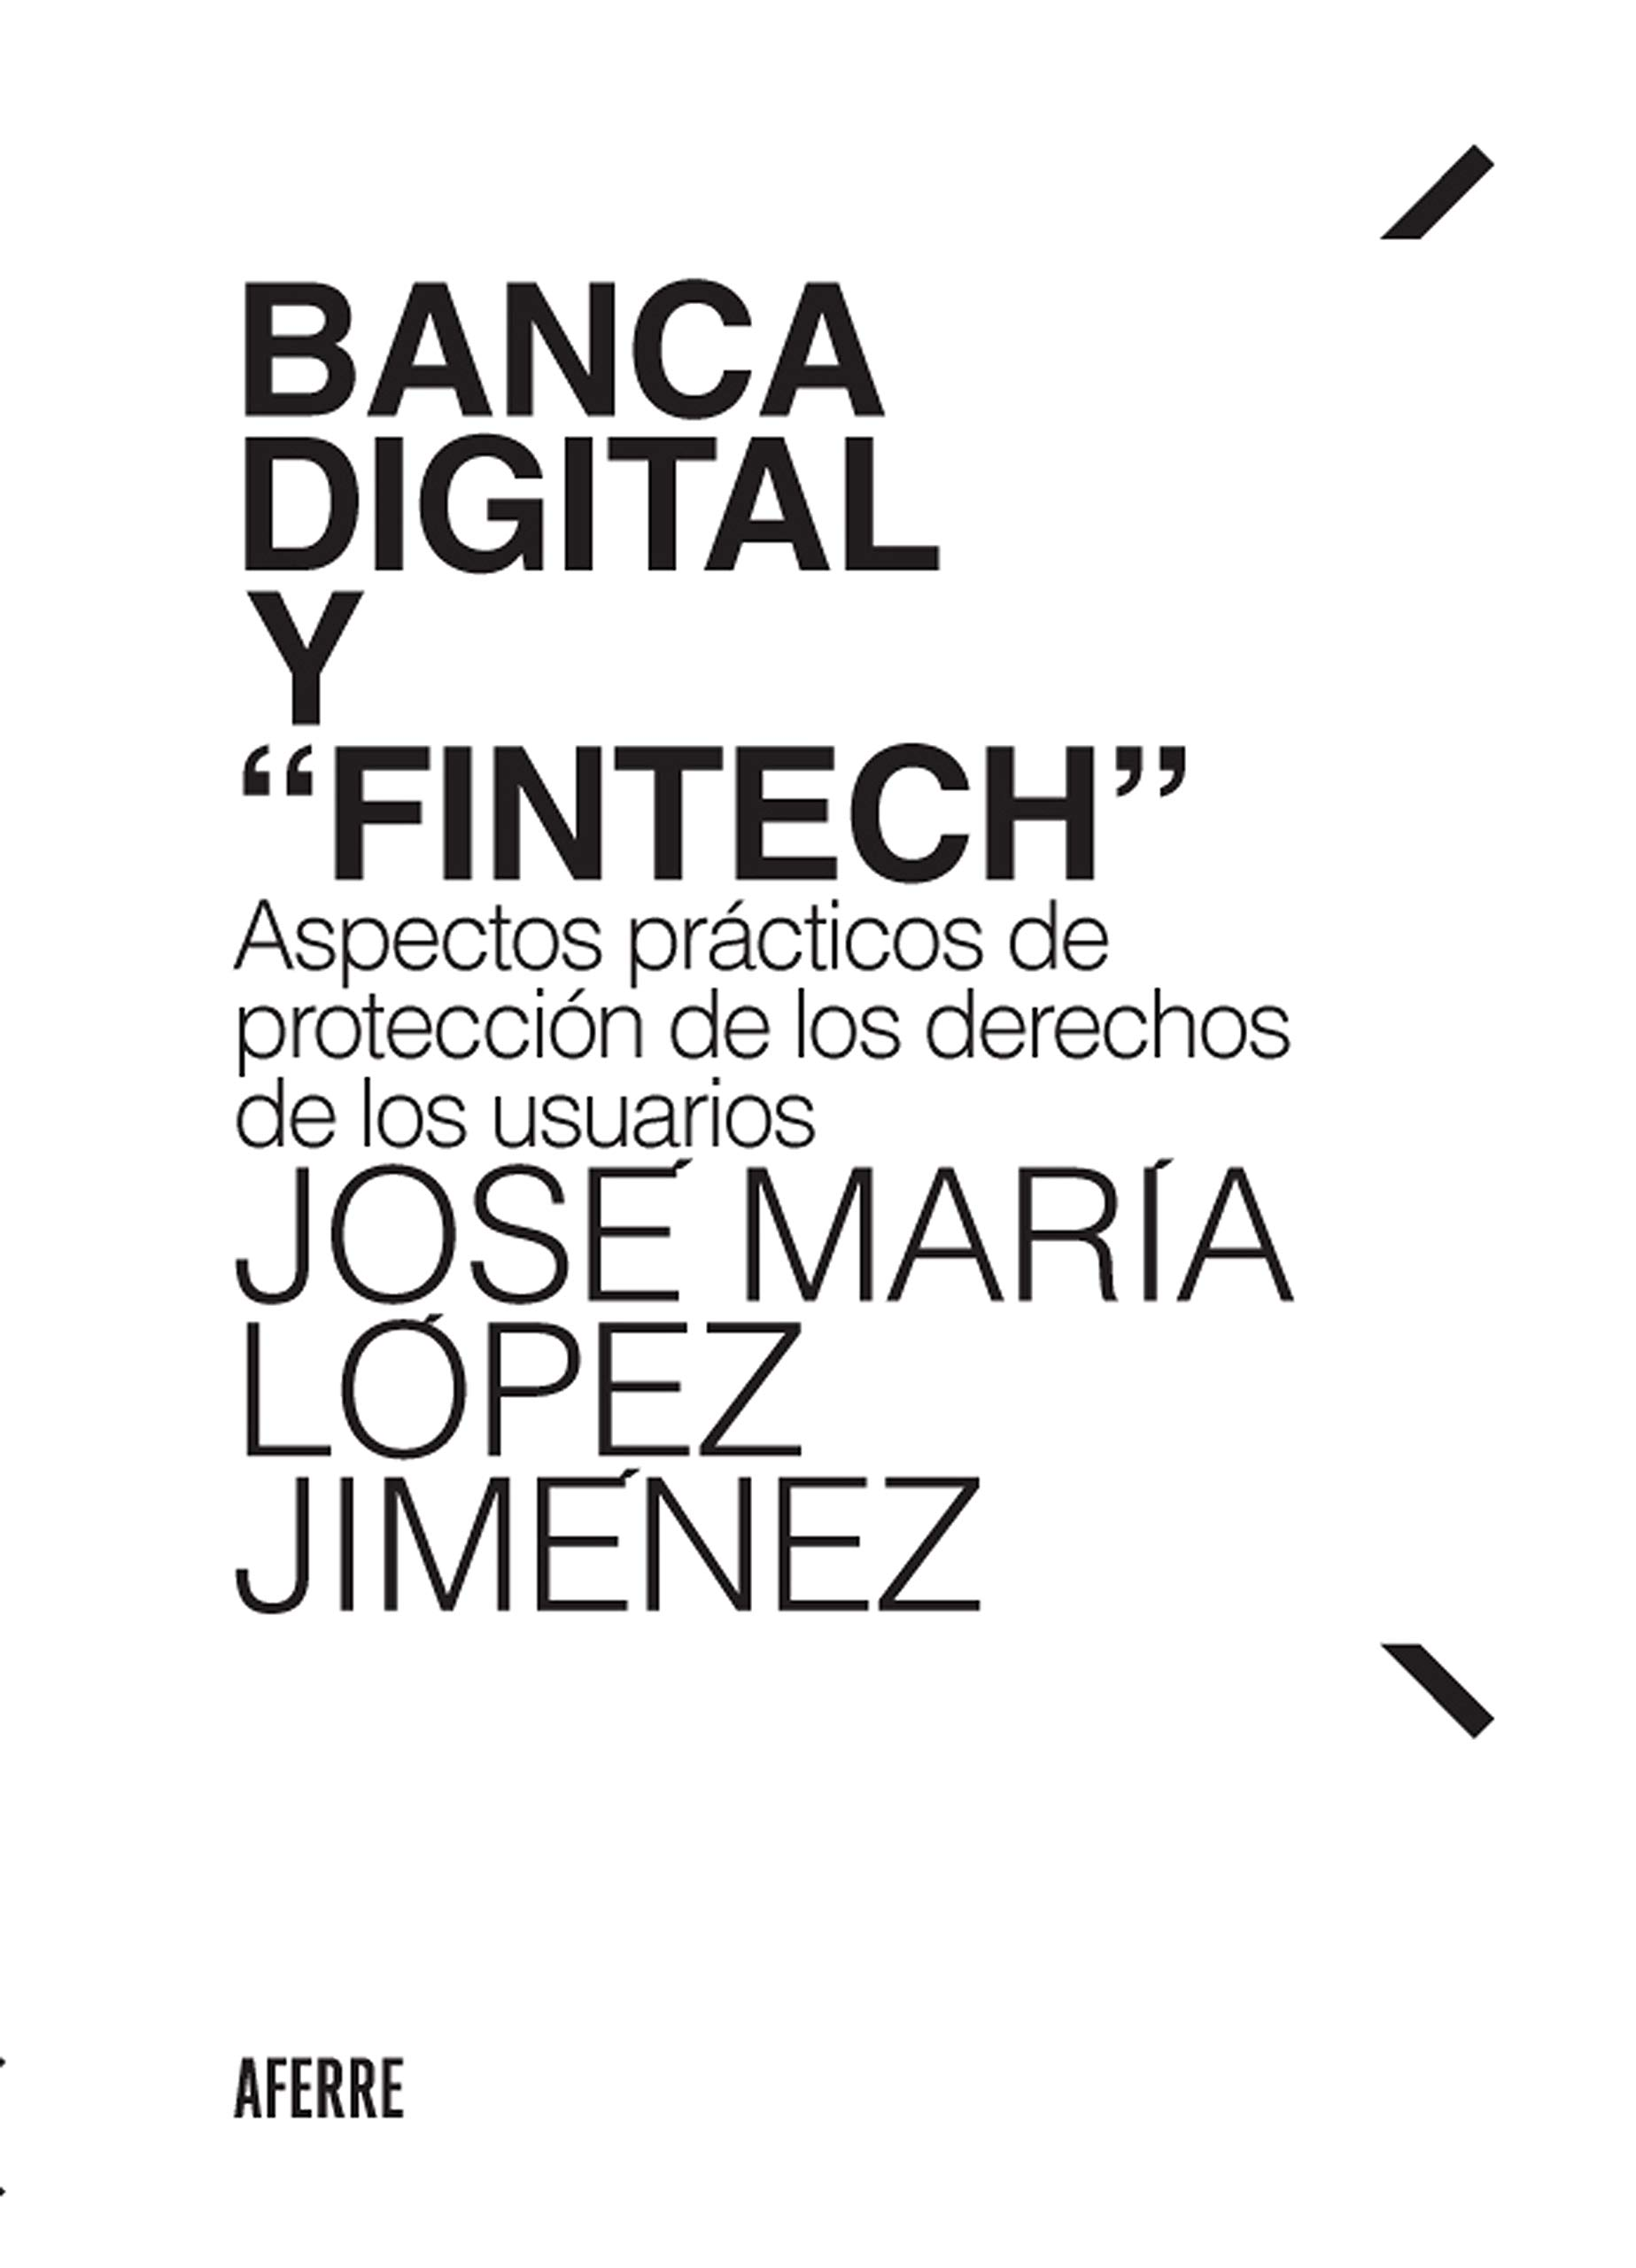 Banca digital y